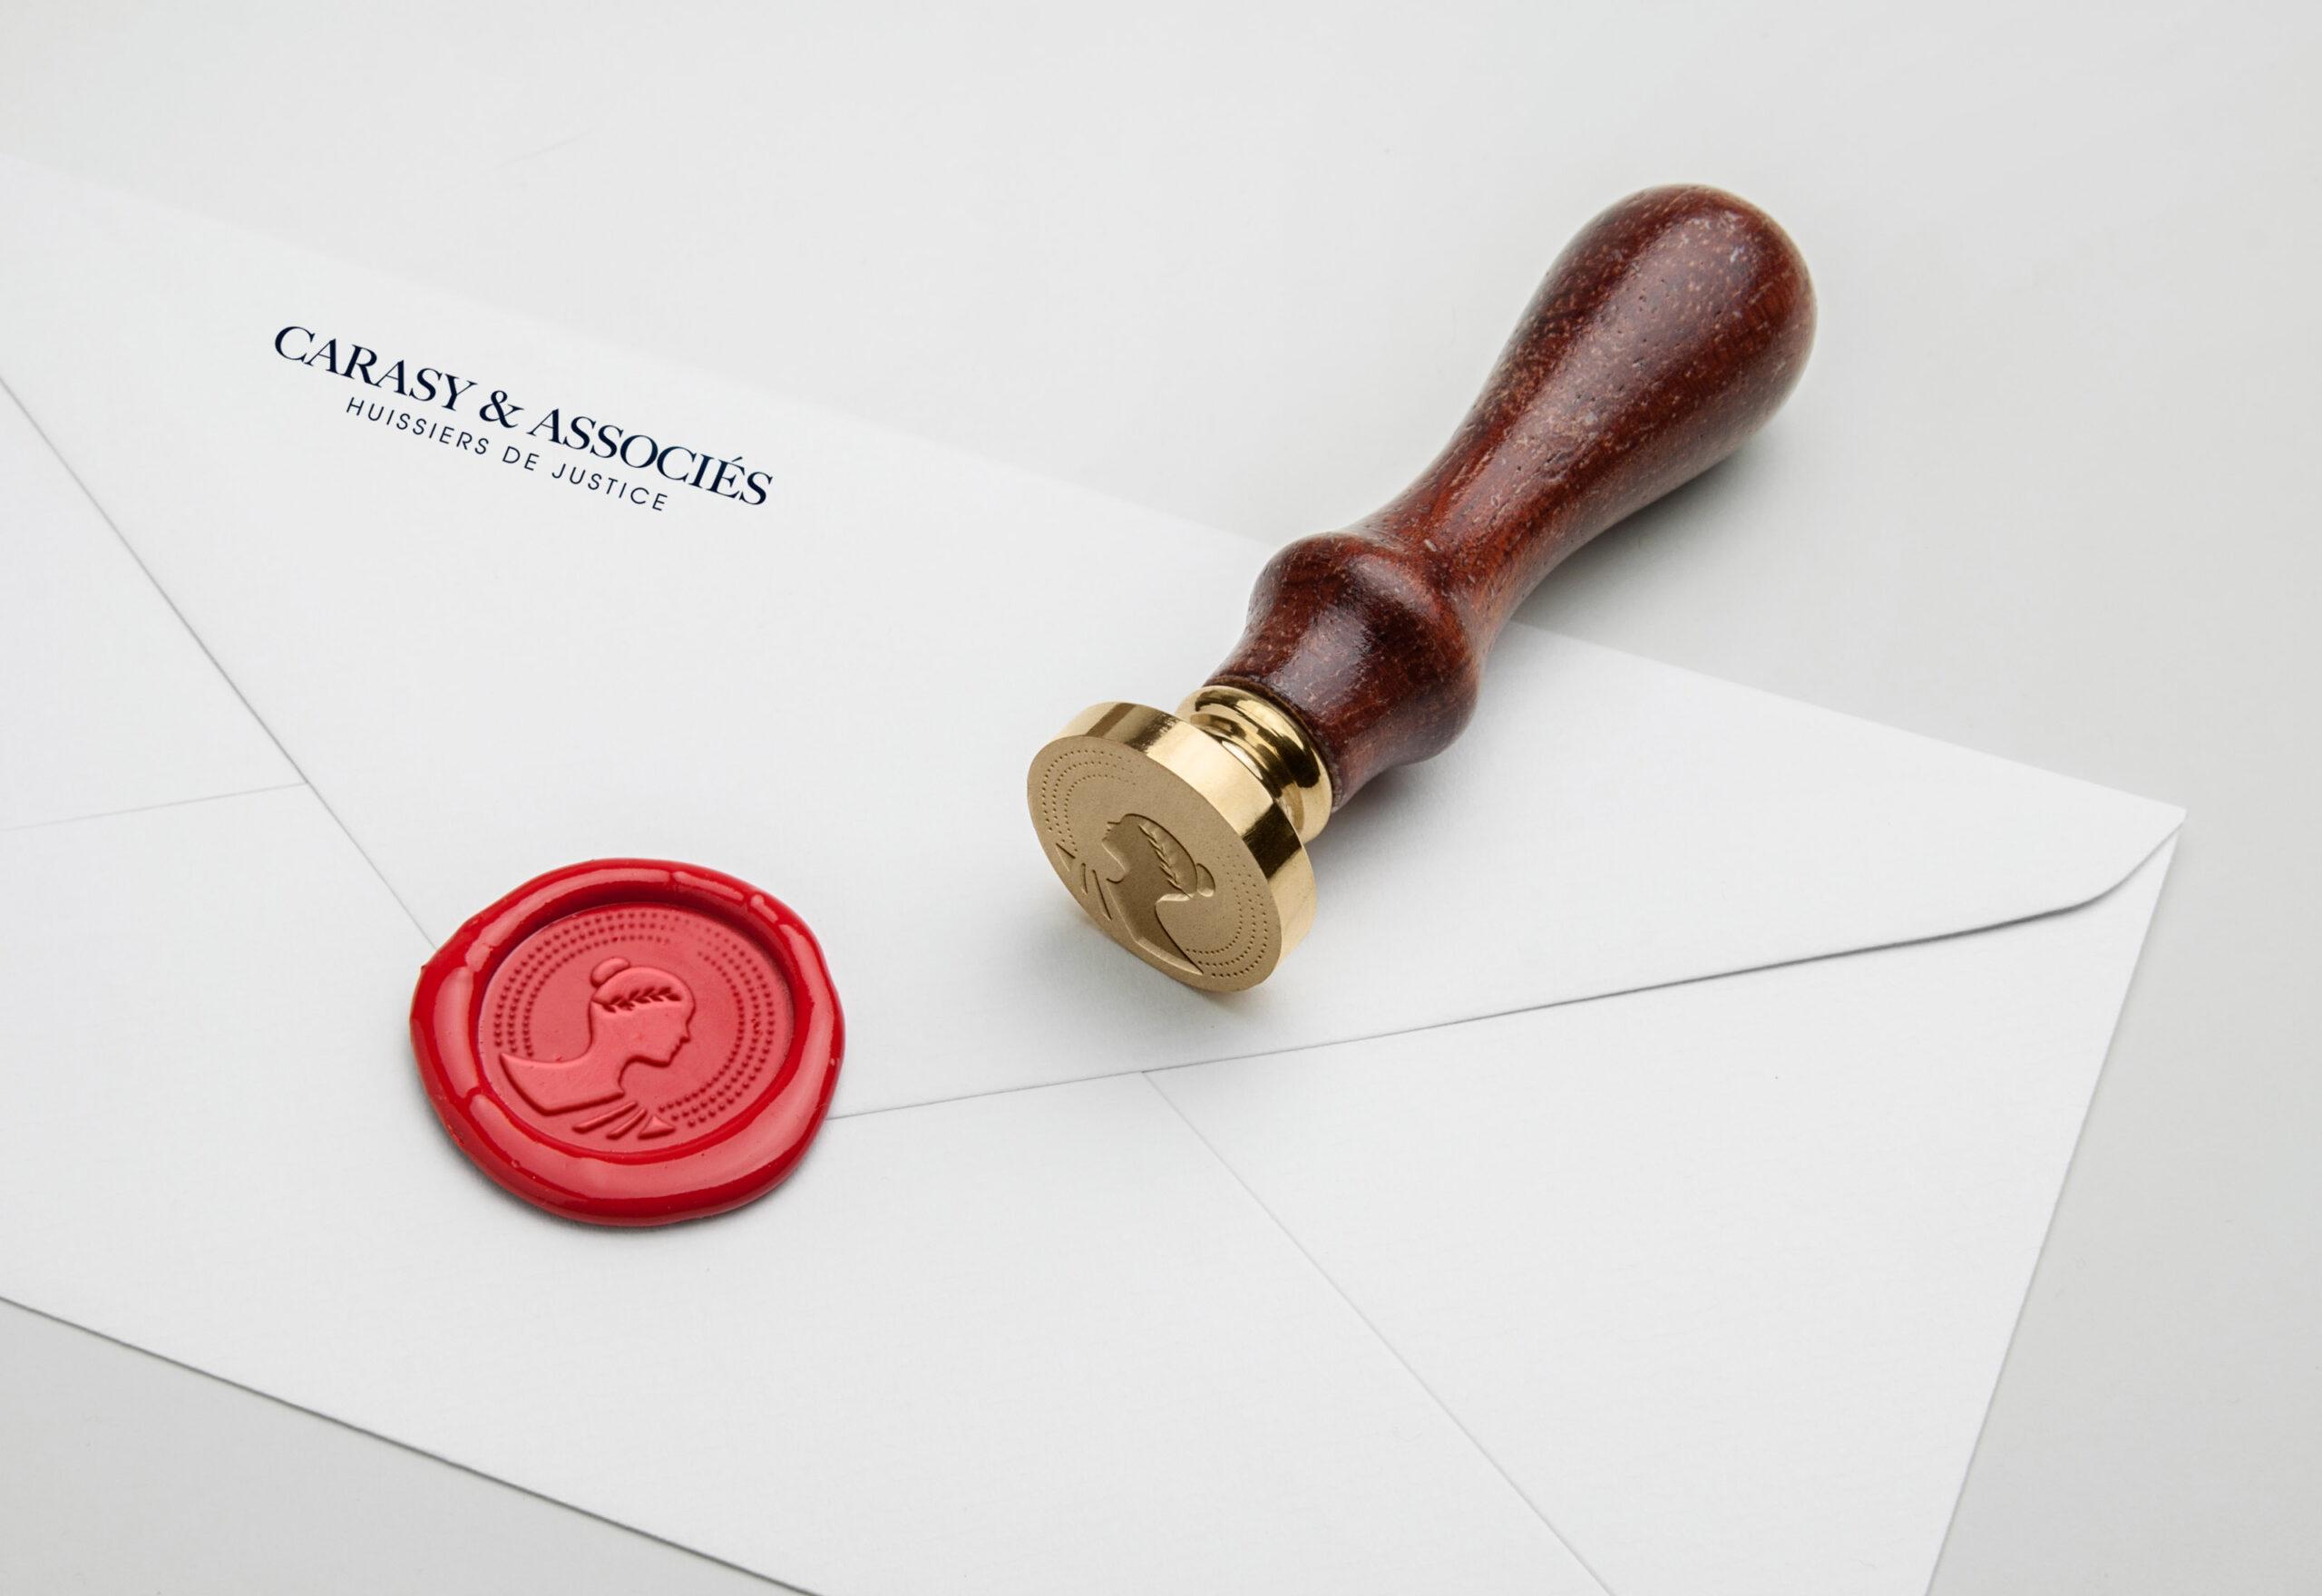 Carasy - Huissier de Justice - Significations des actes